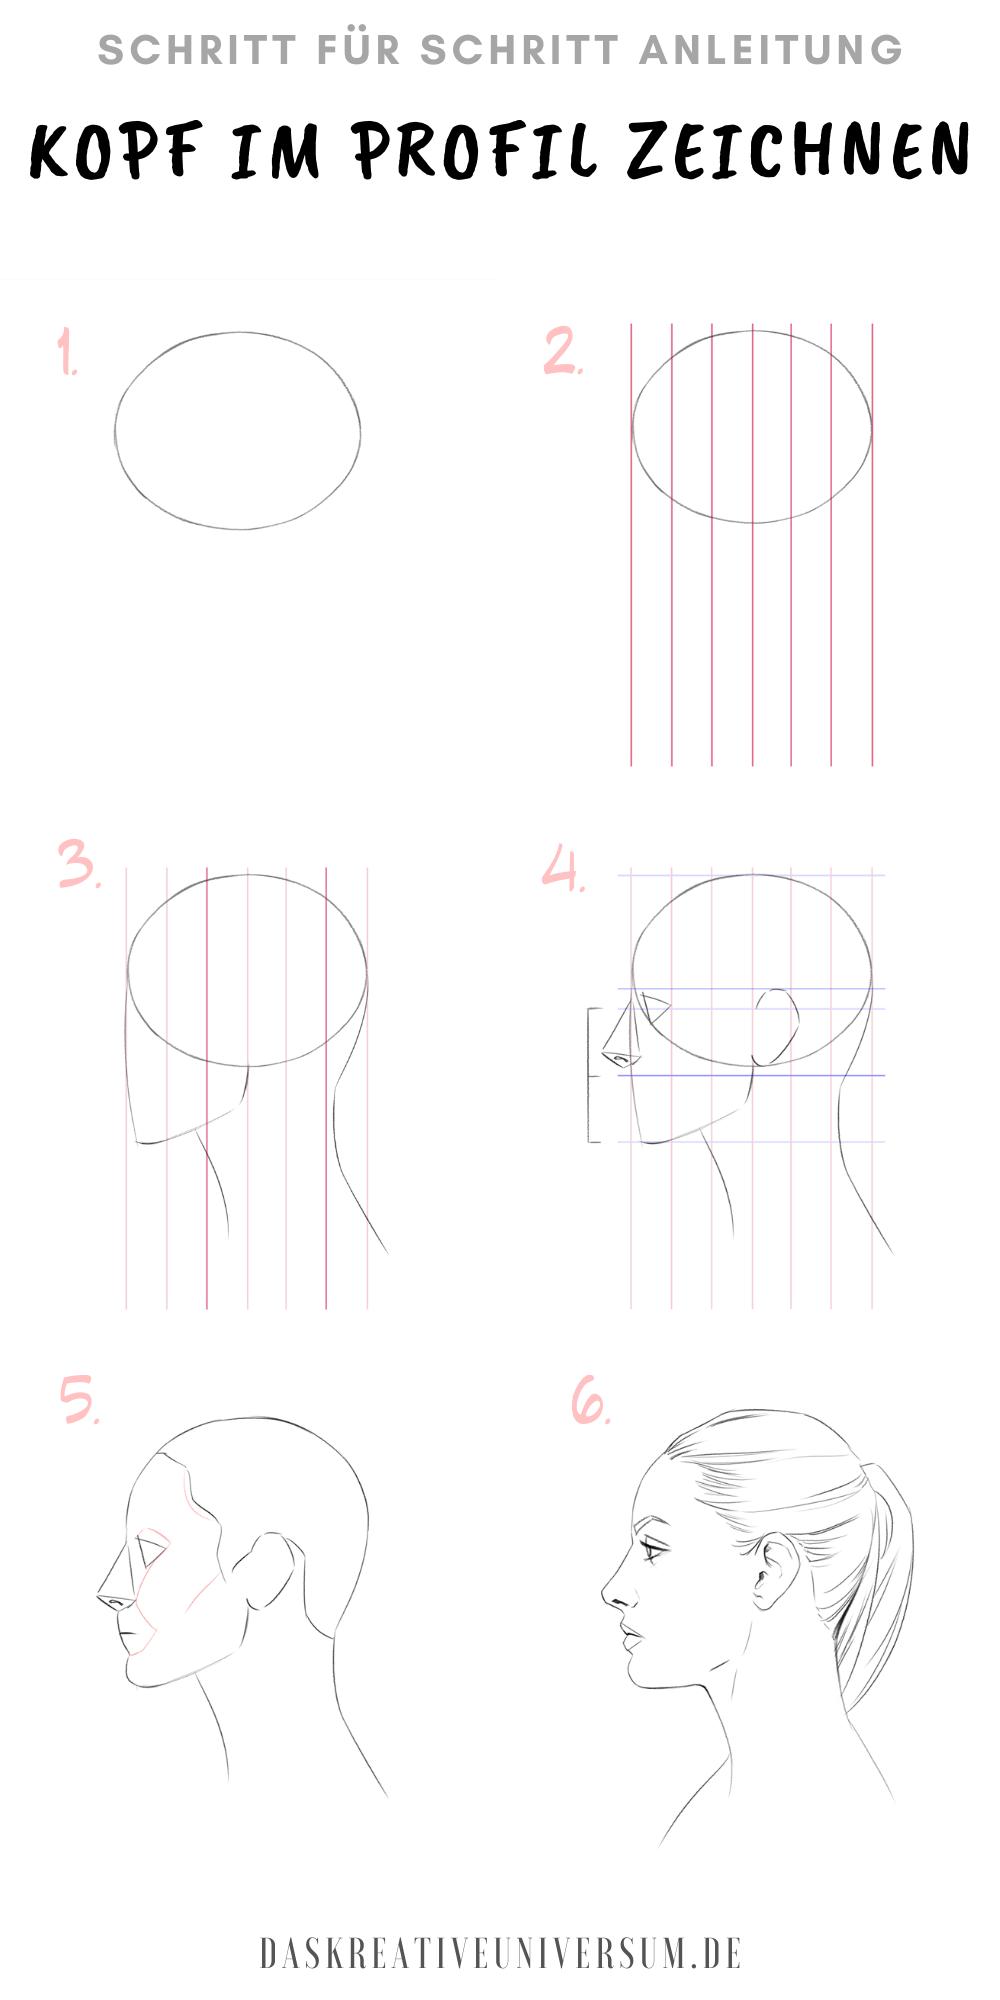 Kopf im Profil zeichnen | Zeichnen, Kopf zeichnen